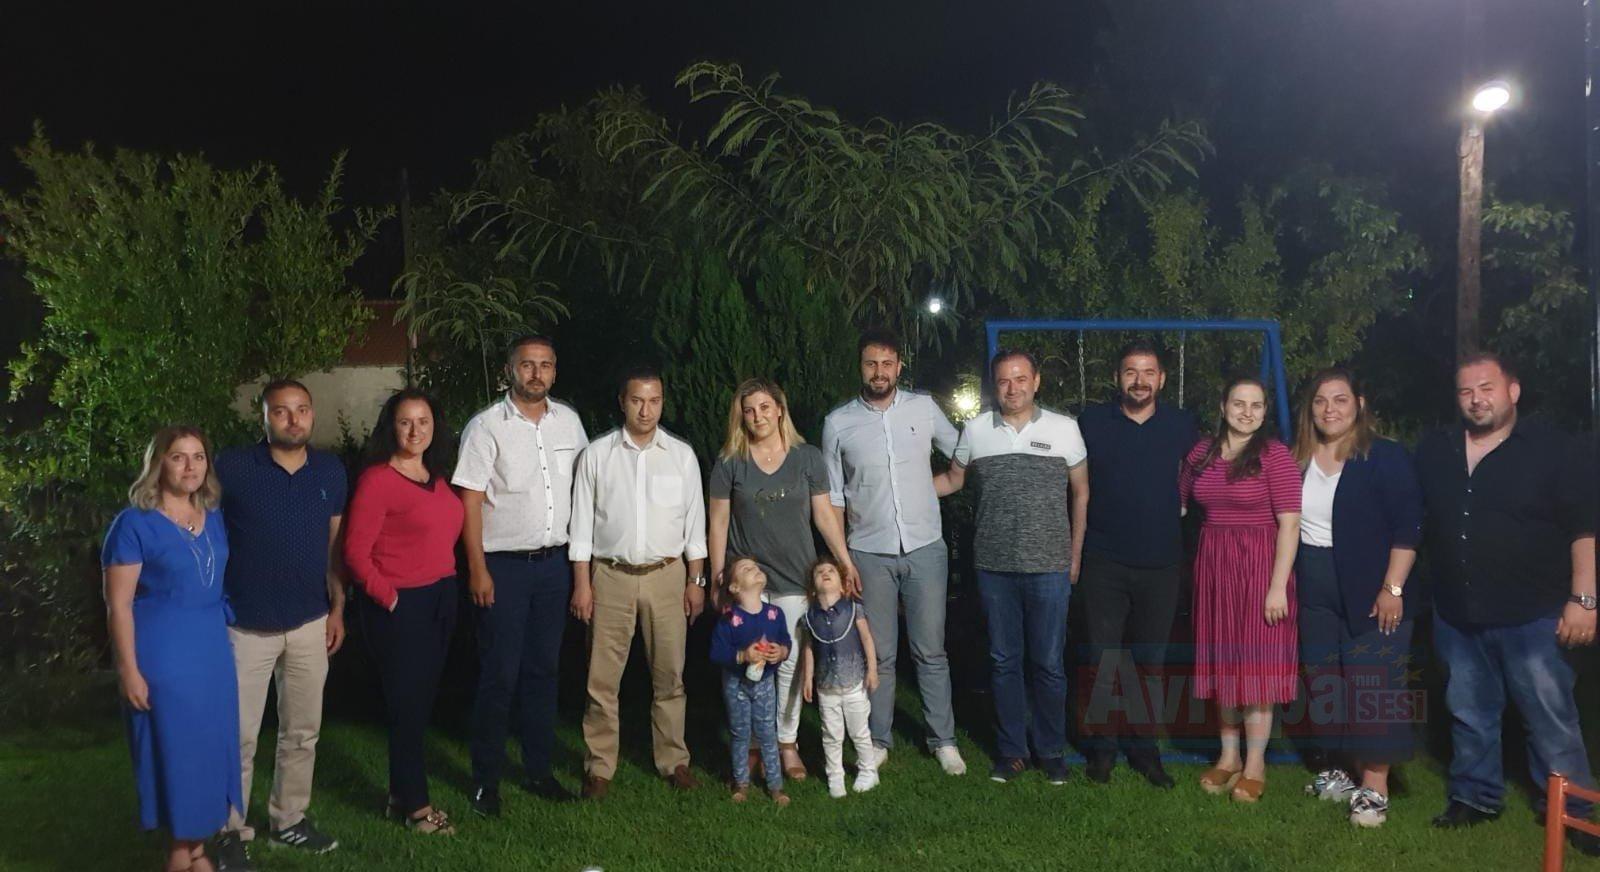 Lippstadt BTTEKD Yönetim Kurulu Yassıköy Belediye Başkan'ını Ziyaret Etti